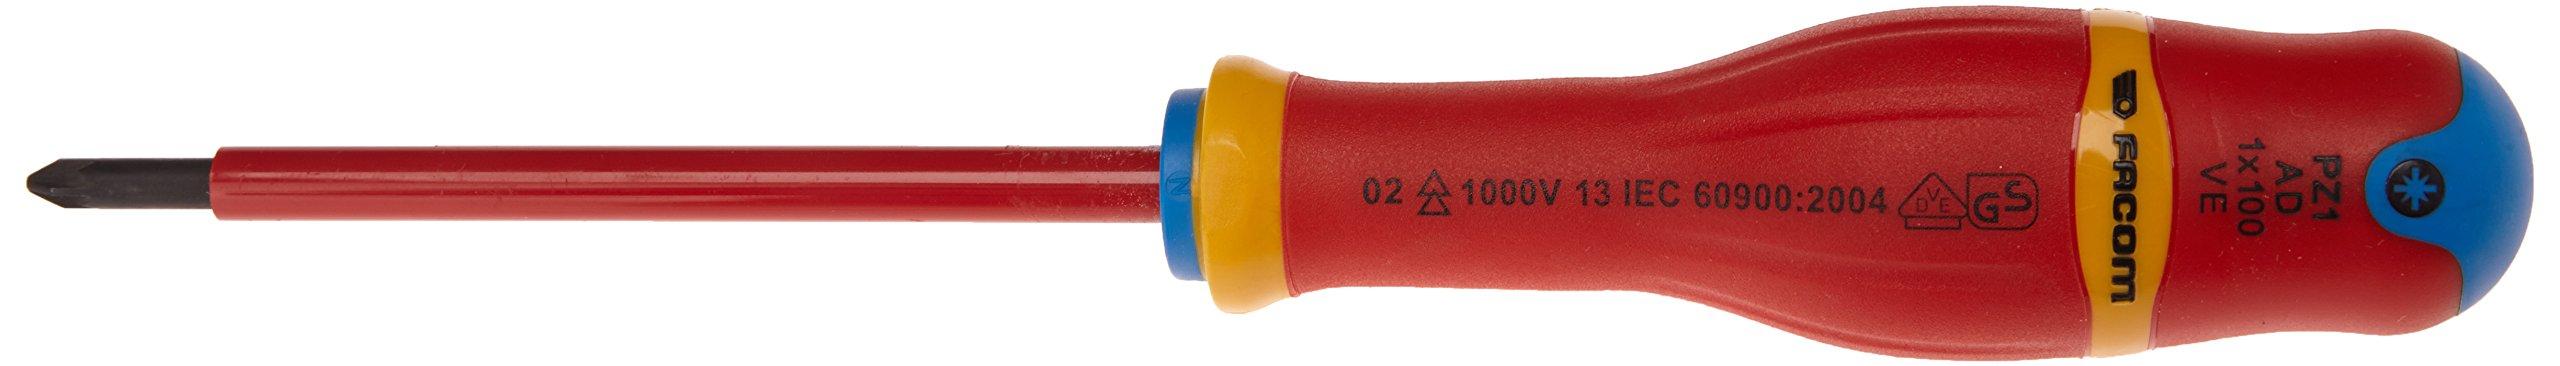 Facom SC.AD1x100VE – Destornillador Pozidriv (tamaño: 1 x 100 mm), color negro